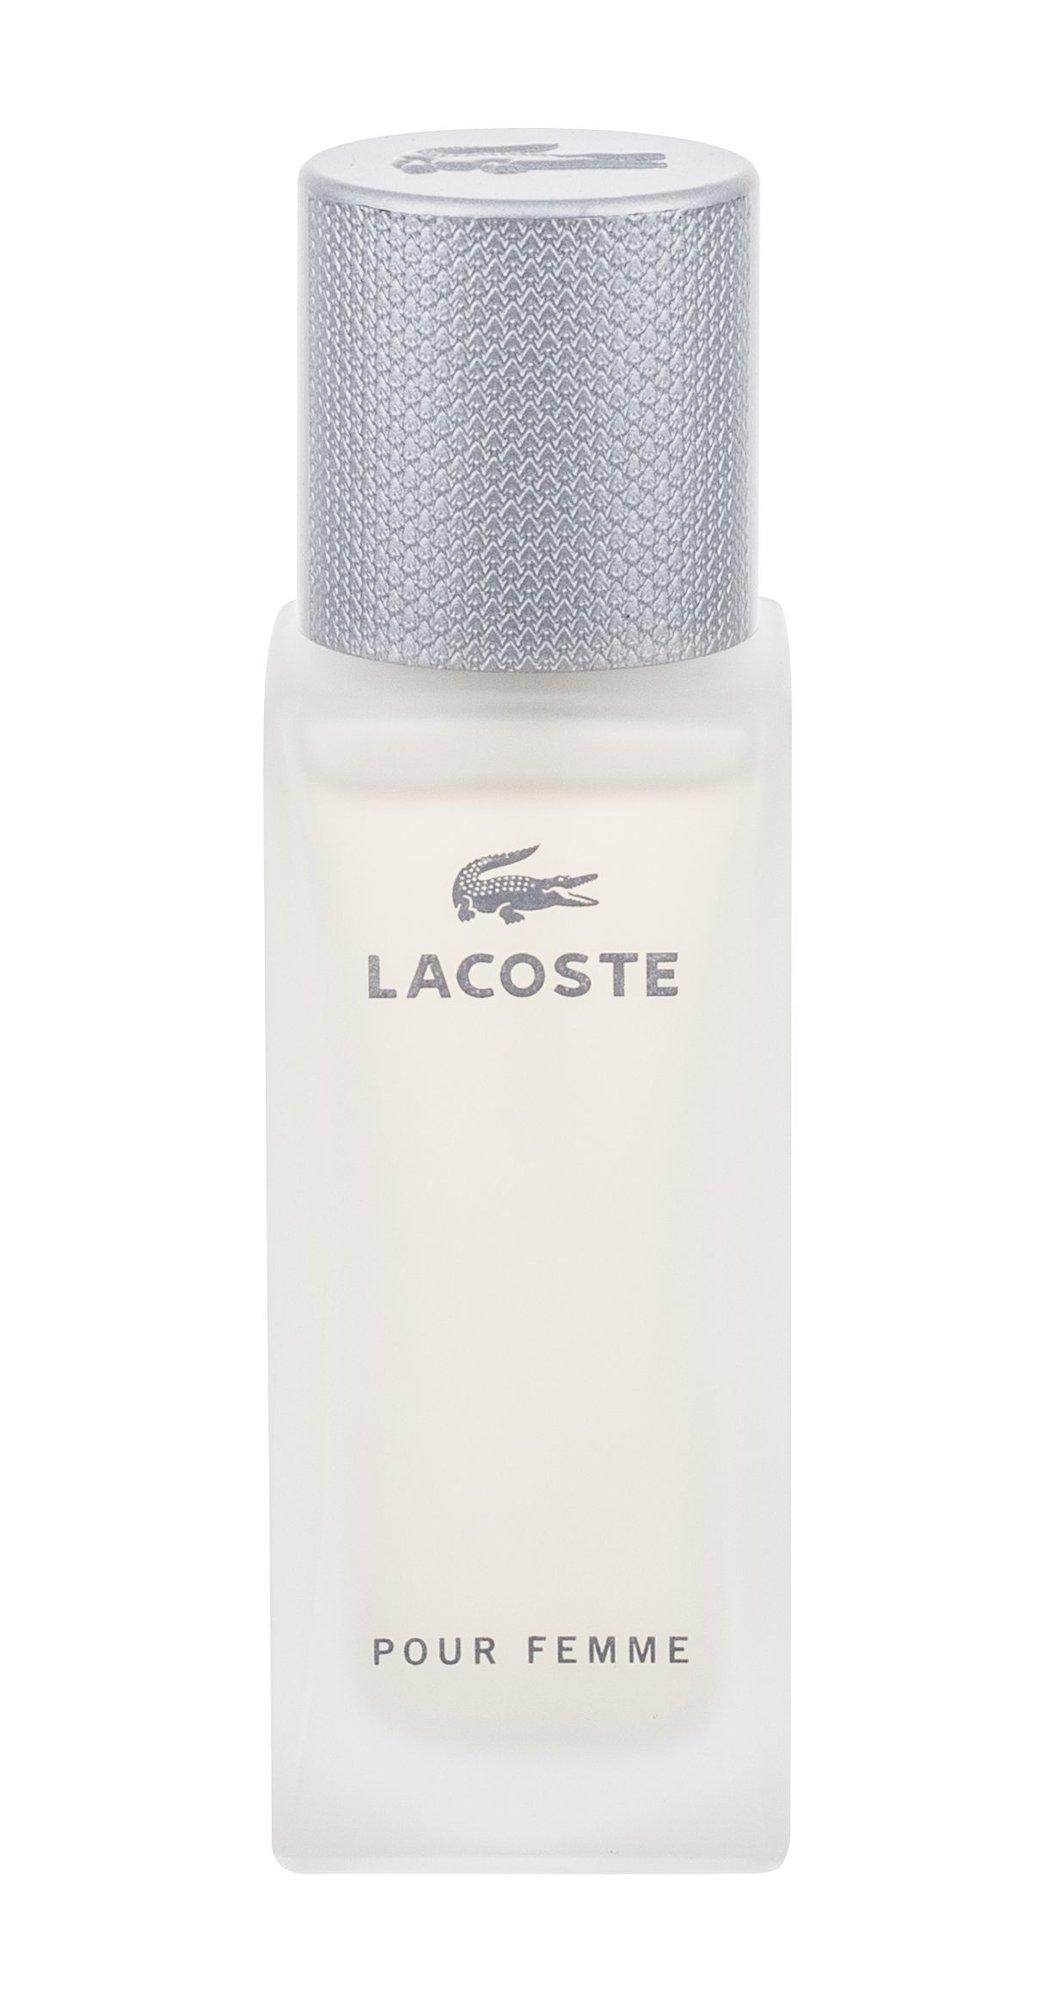 Lacoste Pour Femme EDP 30ml